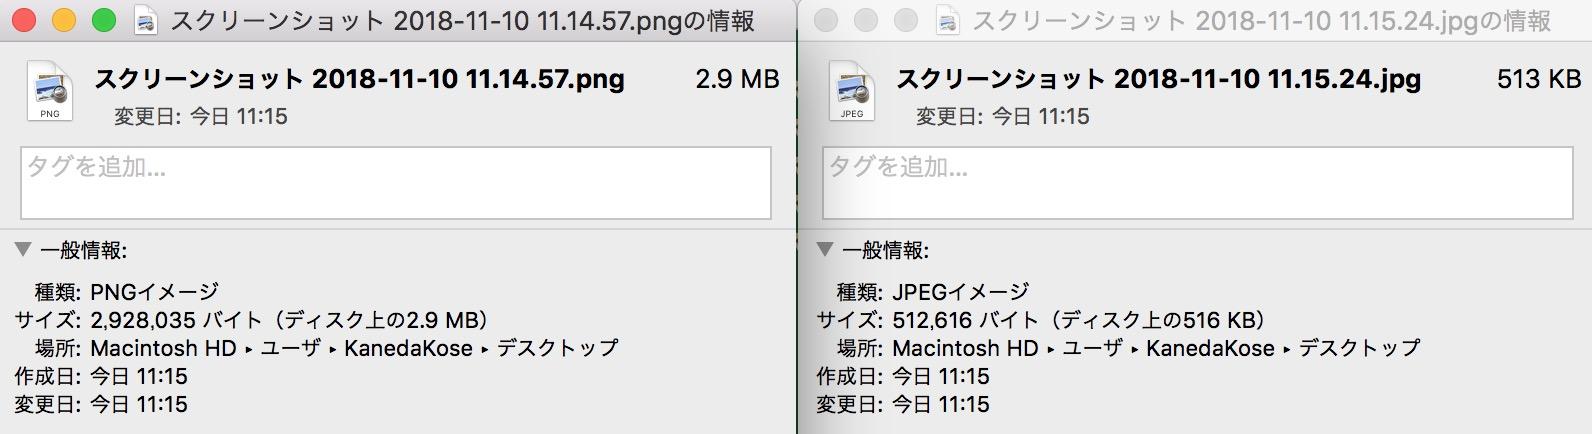 macのスクショ保存形式をjpgに変更